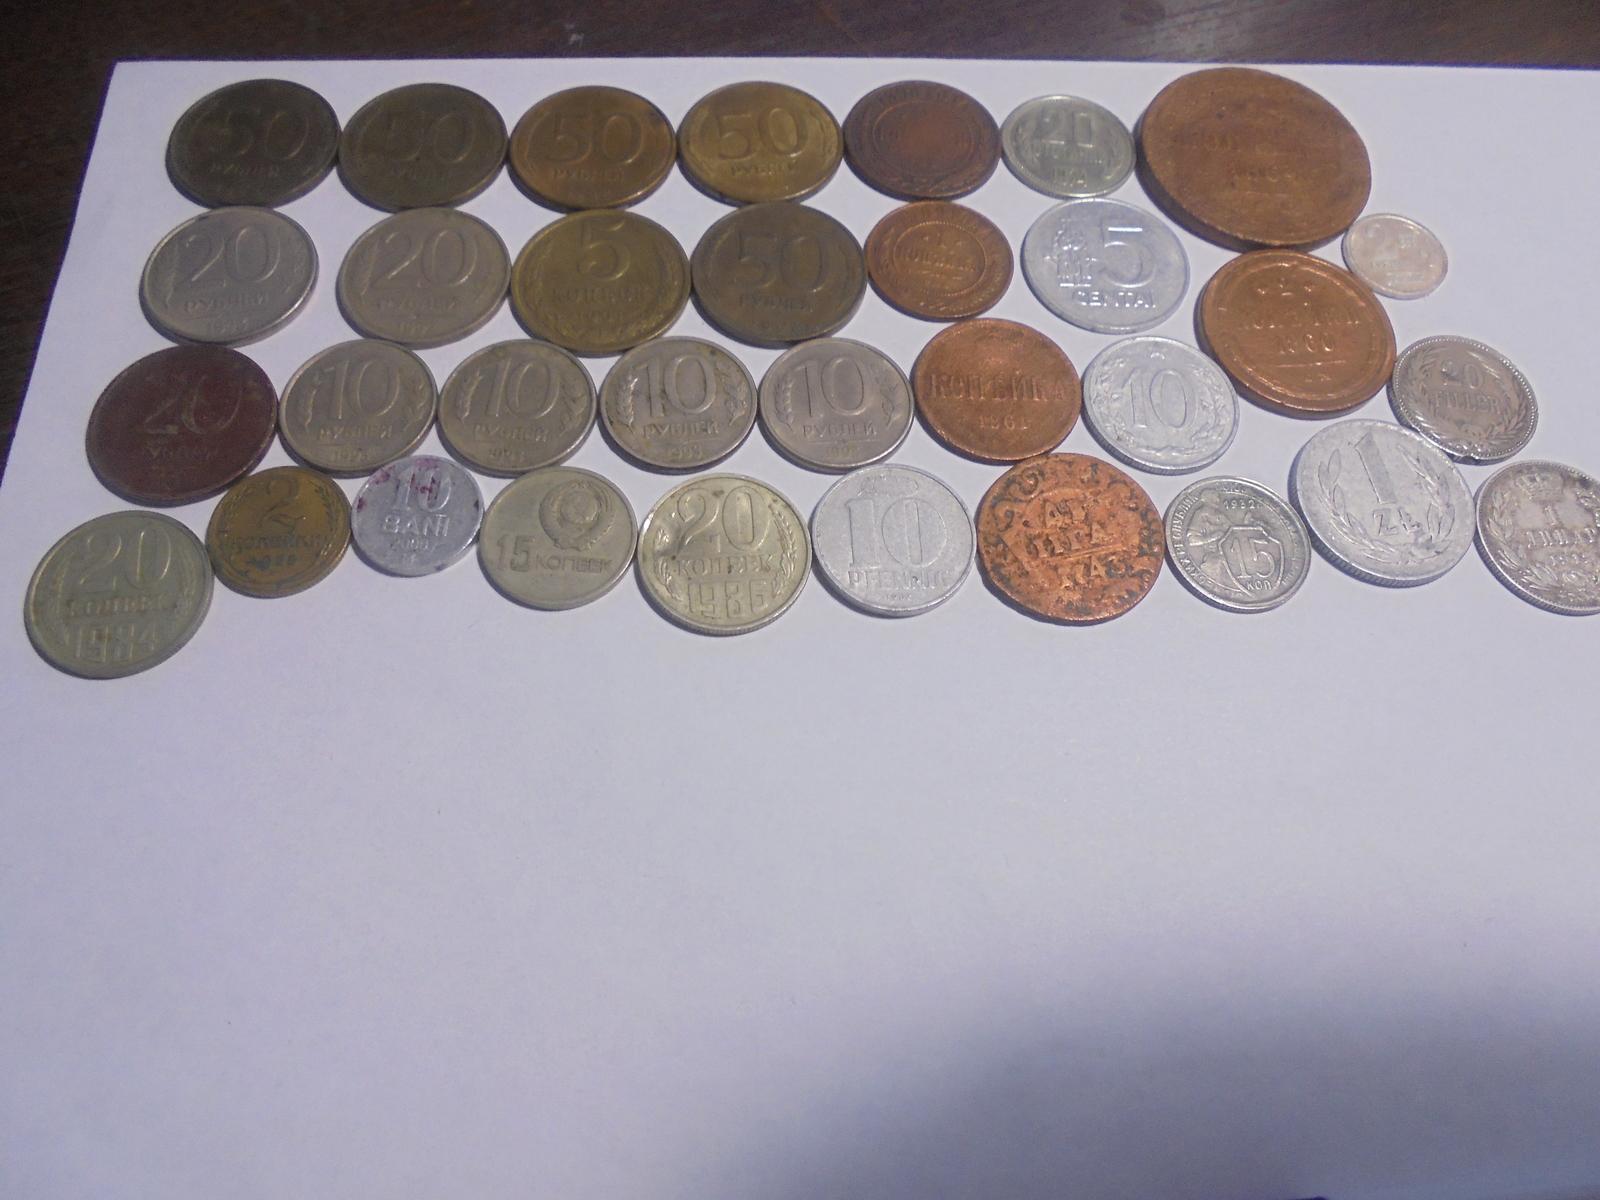 Обои старые монеты, ссср, Советские юбилейные монеты, рубли. Разное foto 8